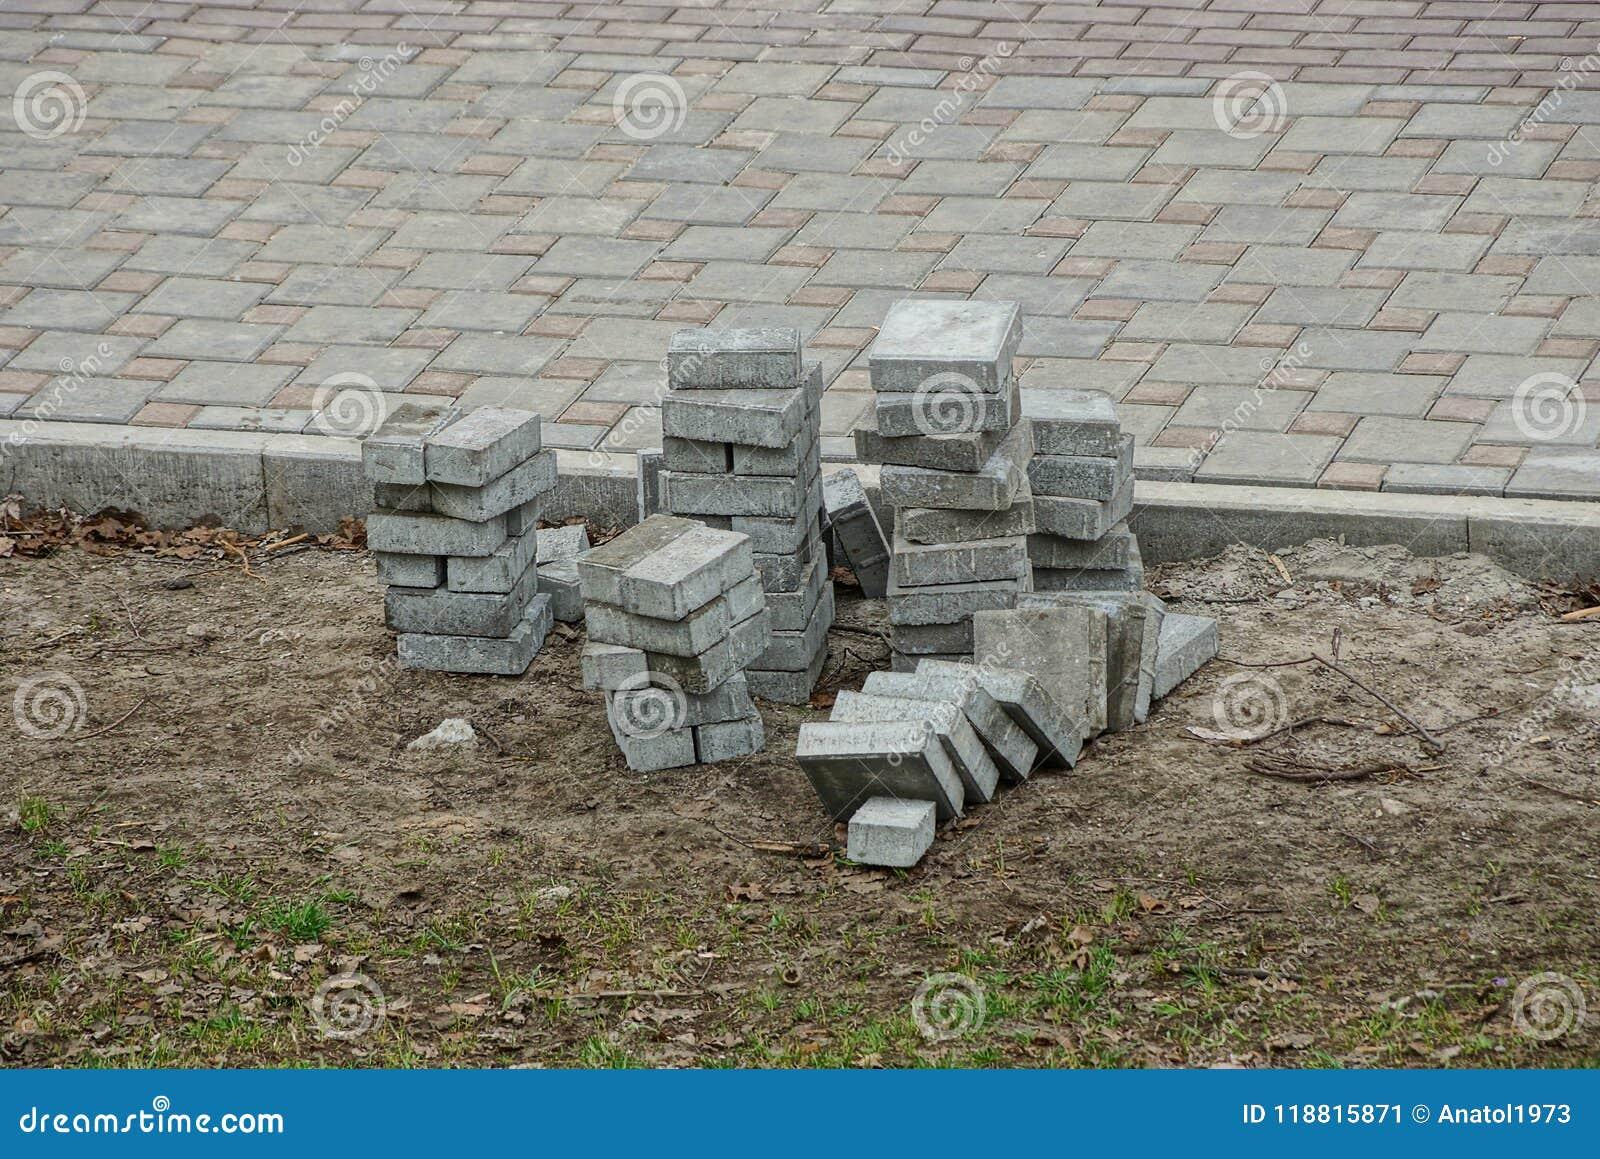 Una pila de pavimentar las tejas grises en la tierra cerca del camino